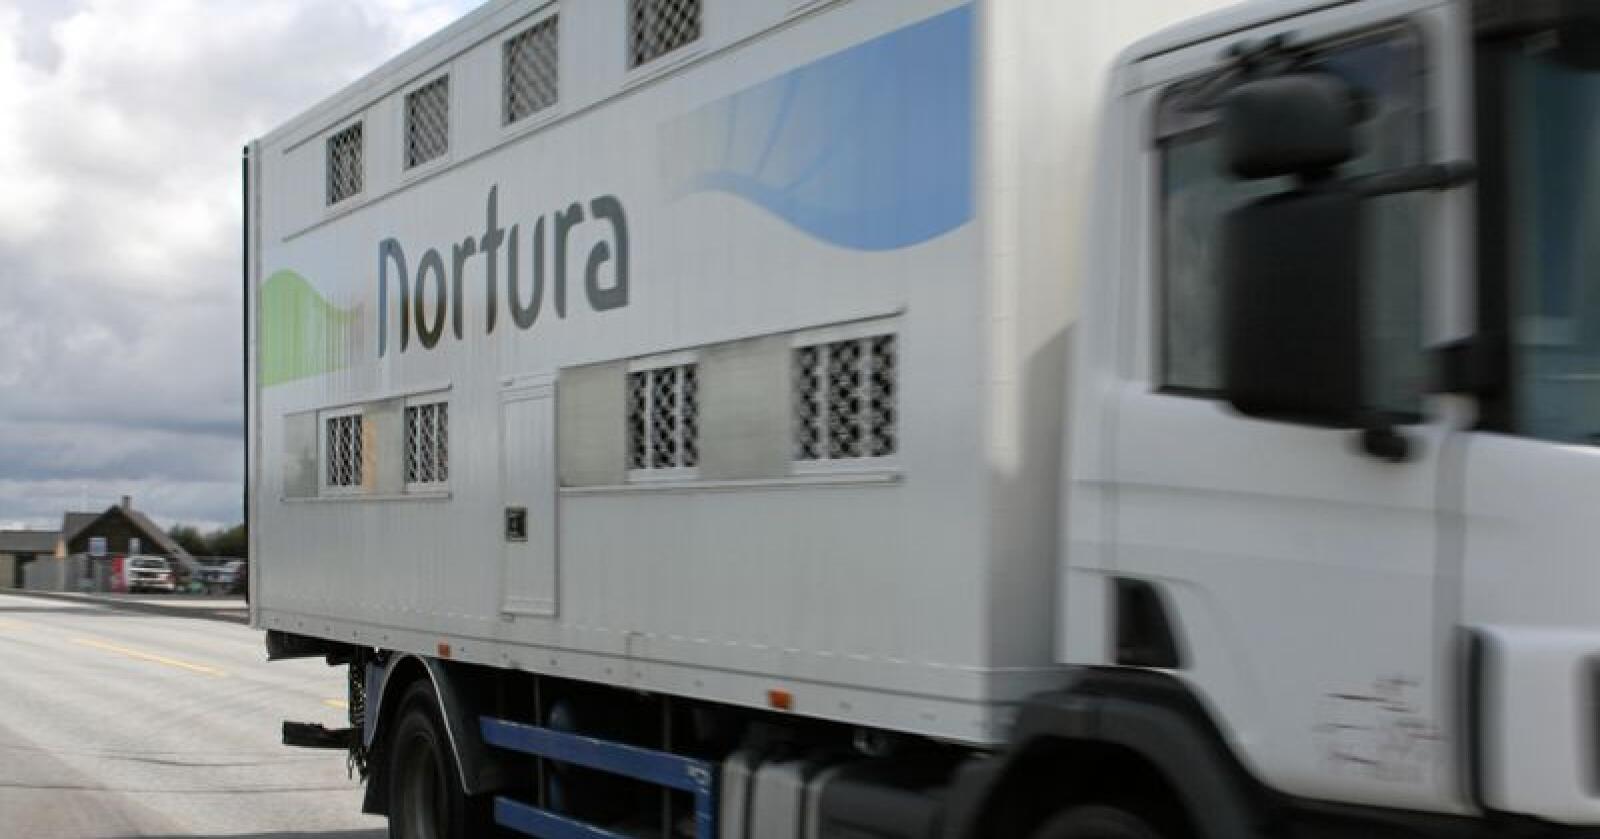 Nortura har sammen med transportselskapet Litra dannet et nytt transportselskap som skal transportere dyr til slakteri. Foto: Bjarne Bekkenheien Aase